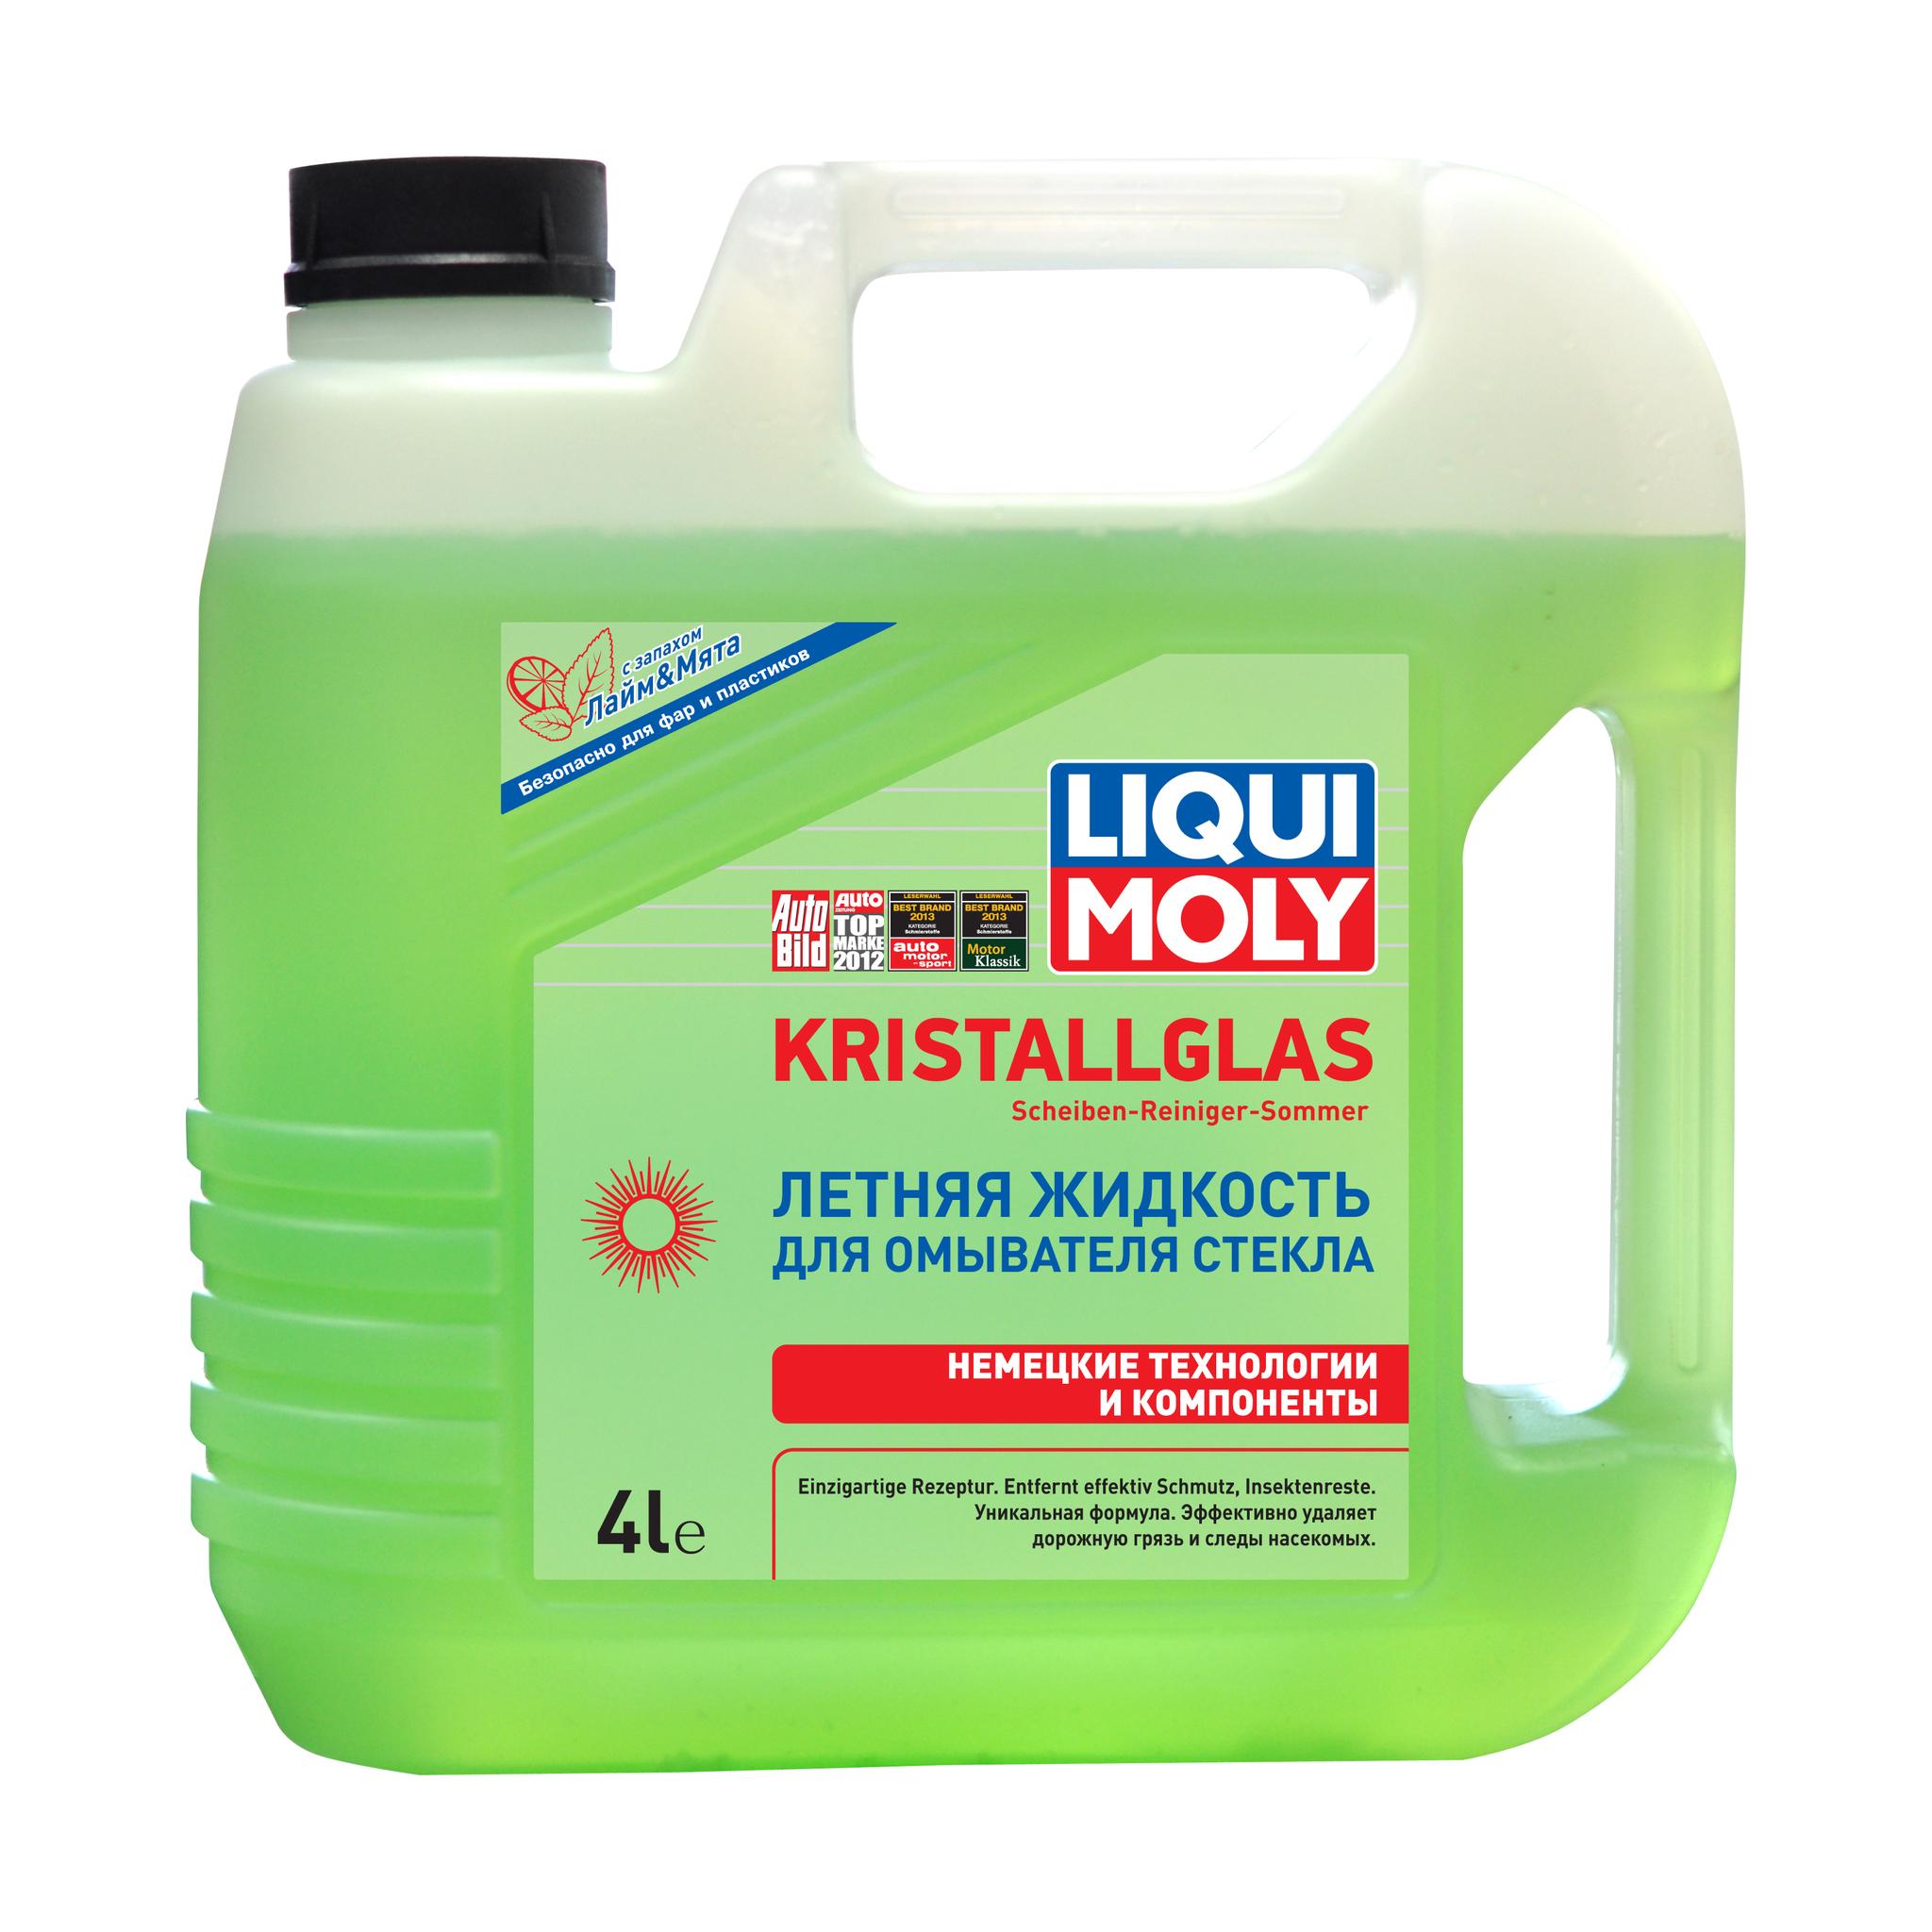 Liqui Moly Kristallglas Scheiben-Reiniger-Sommer Летняя жидкость для омывателя стекла (Лайм-Мята)